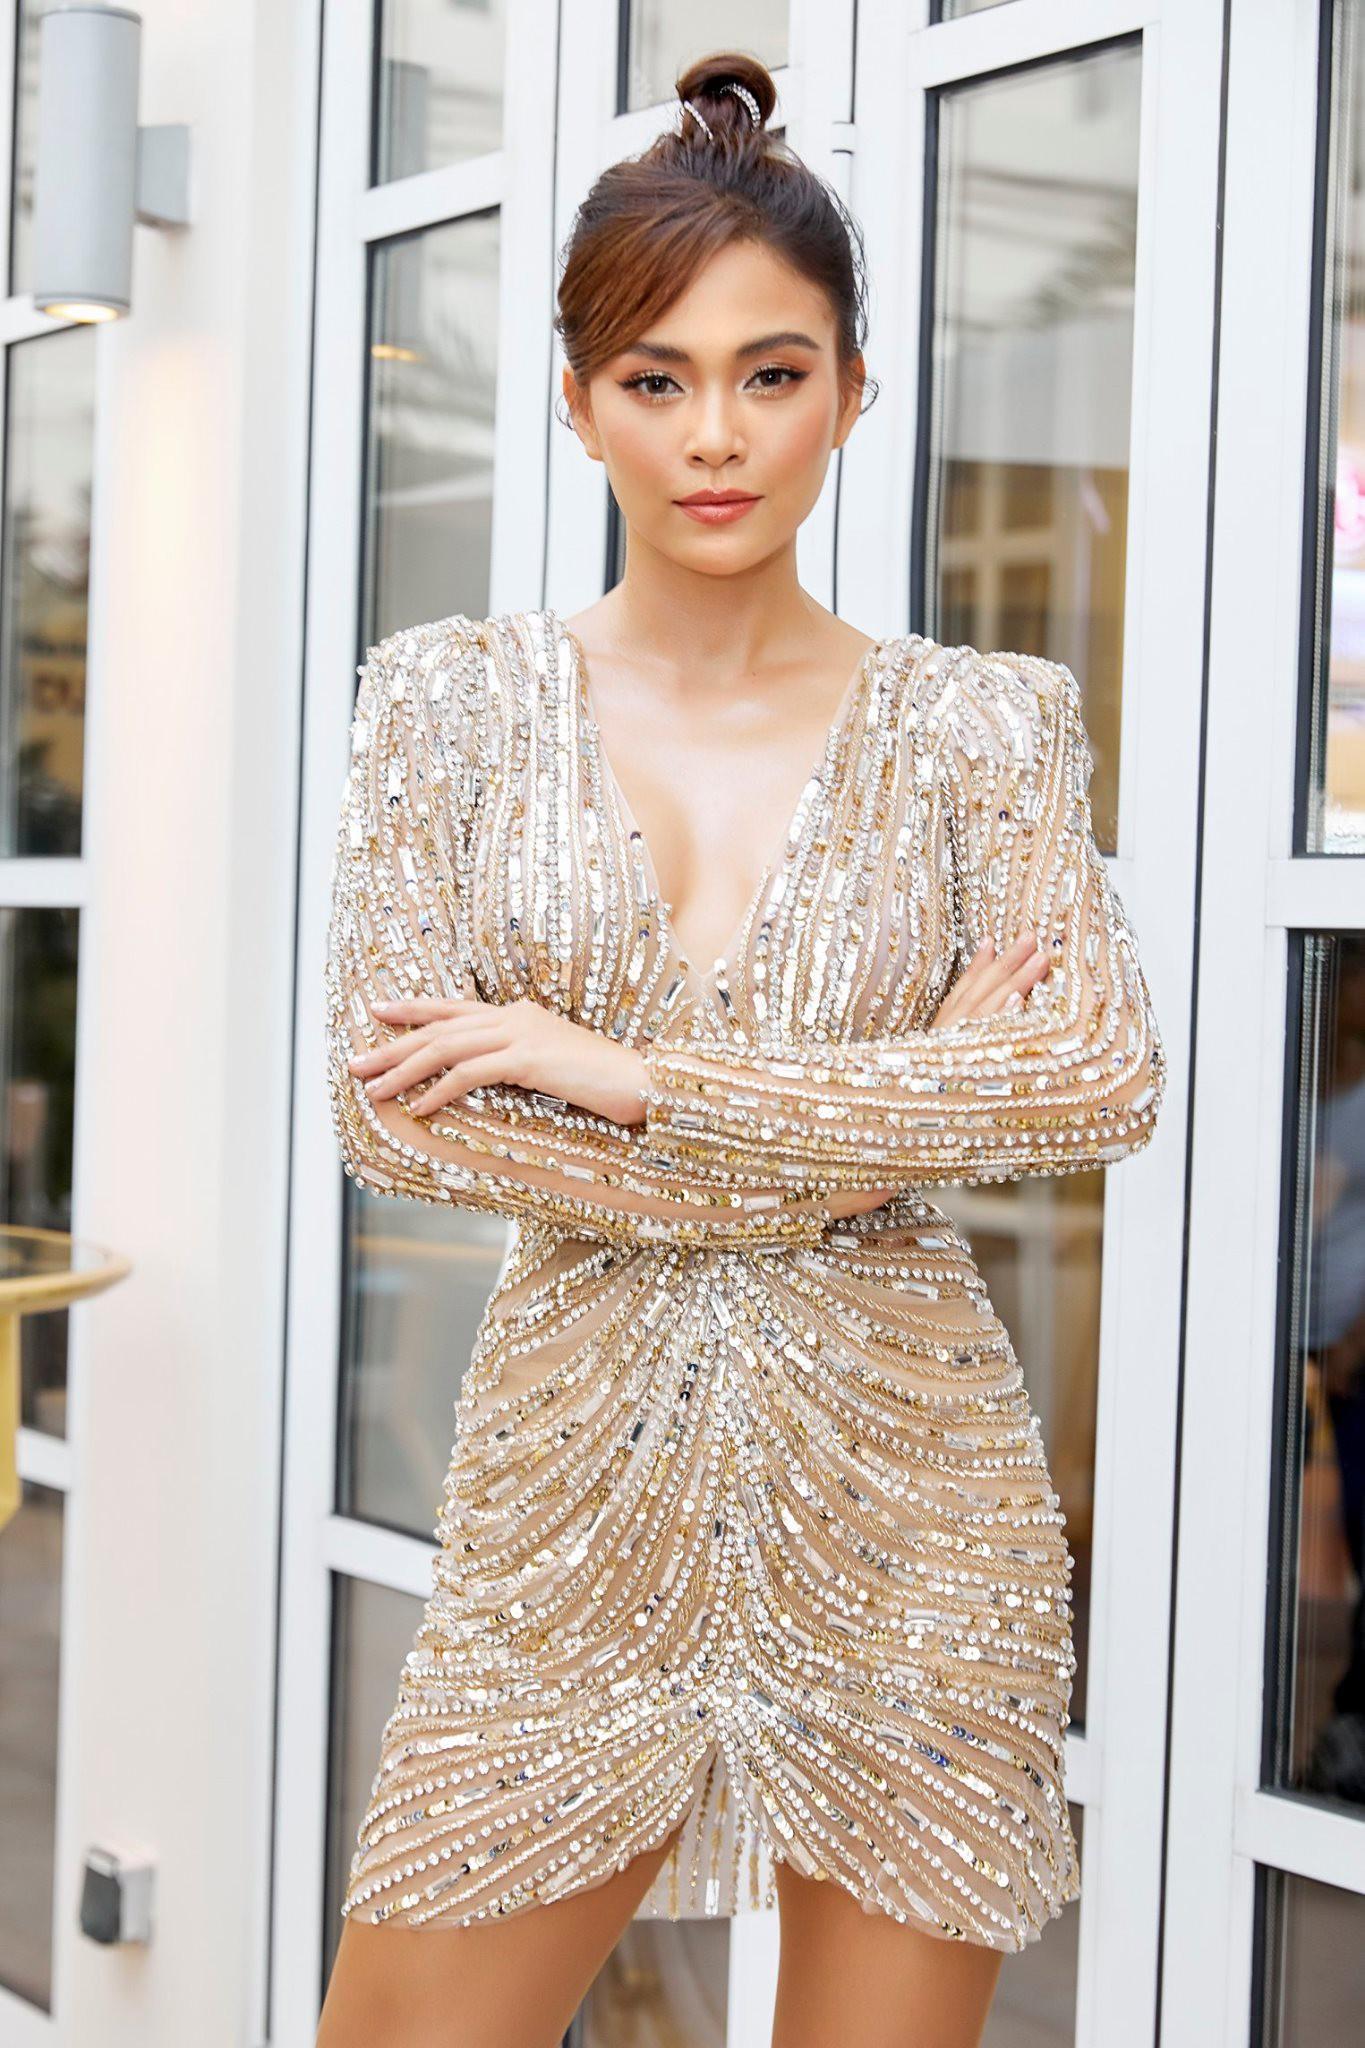 Mâu Thủy lần đầu nói về lý do yêu bạn trai 6 năm chưa kết hôn và chuyện Hoàng Thùy đại diện Việt Nam tham dự Miss Universe 2019 - Ảnh 2.